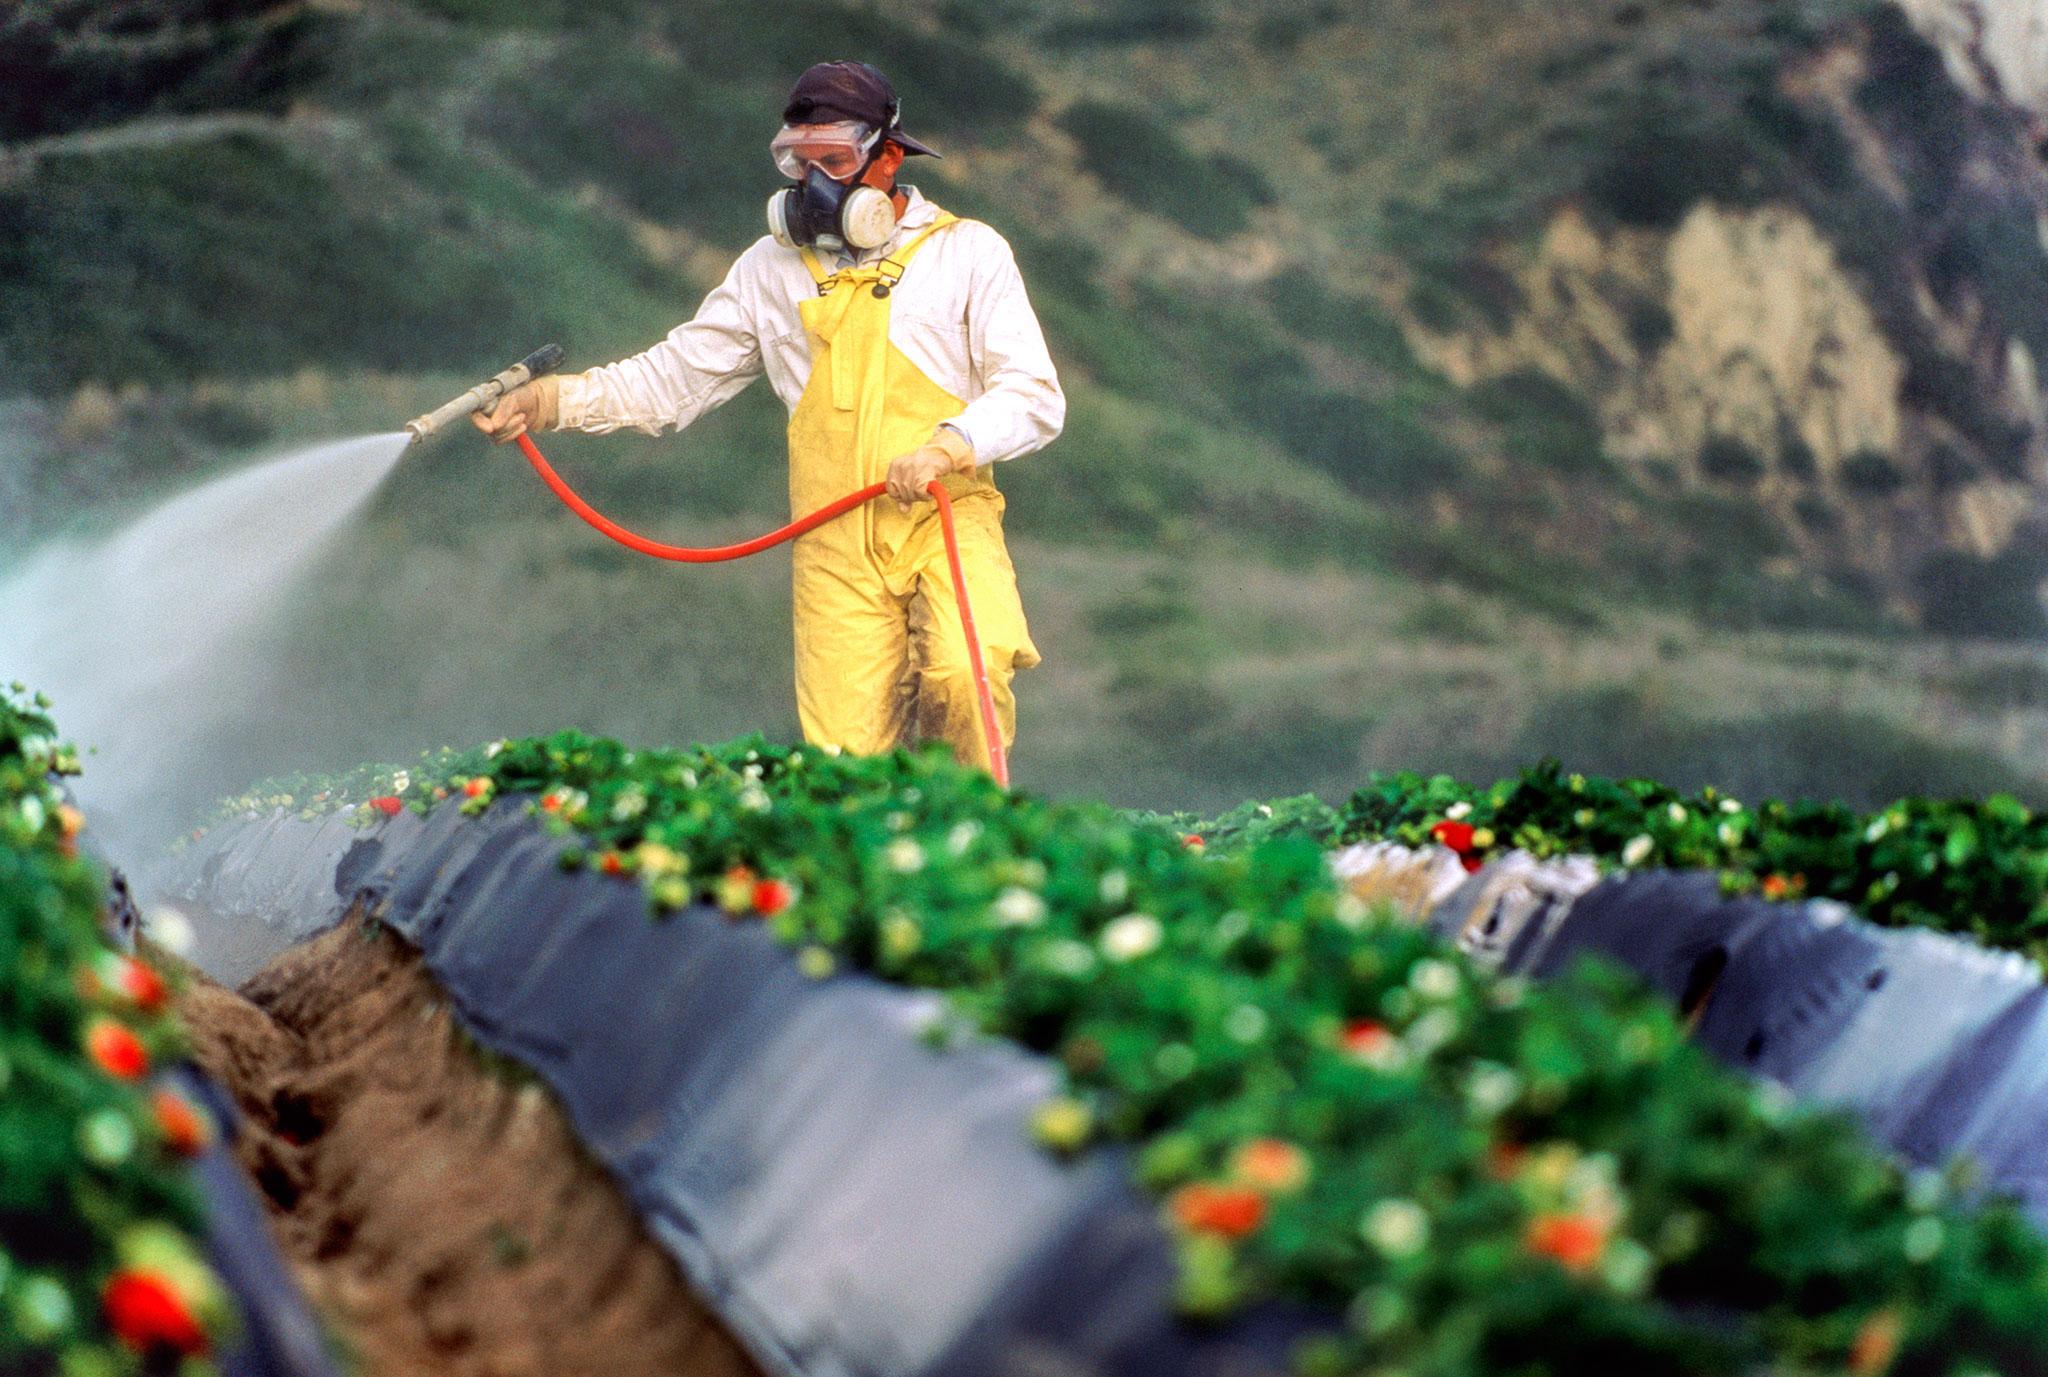 حمایت های موسسه دانشمند در حوزه استفاده از تکنیک های جدید کنترل آفات باغداری نتیجه داد / گسترش استفاده از روش هستهای نابارورسازی در کنترل آفات باغداری